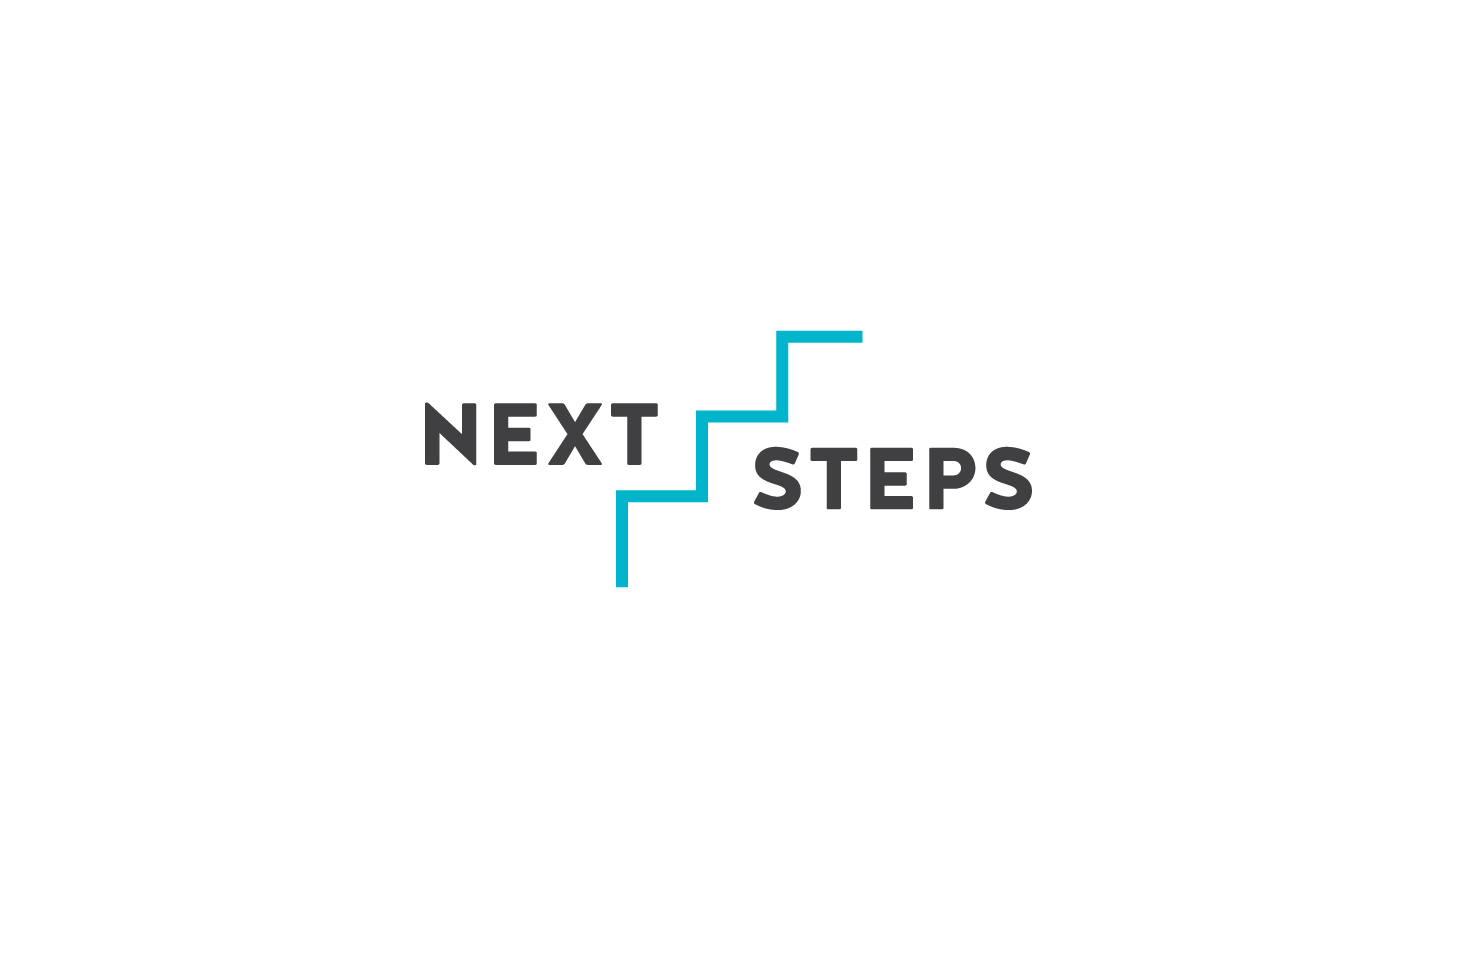 Next Steps